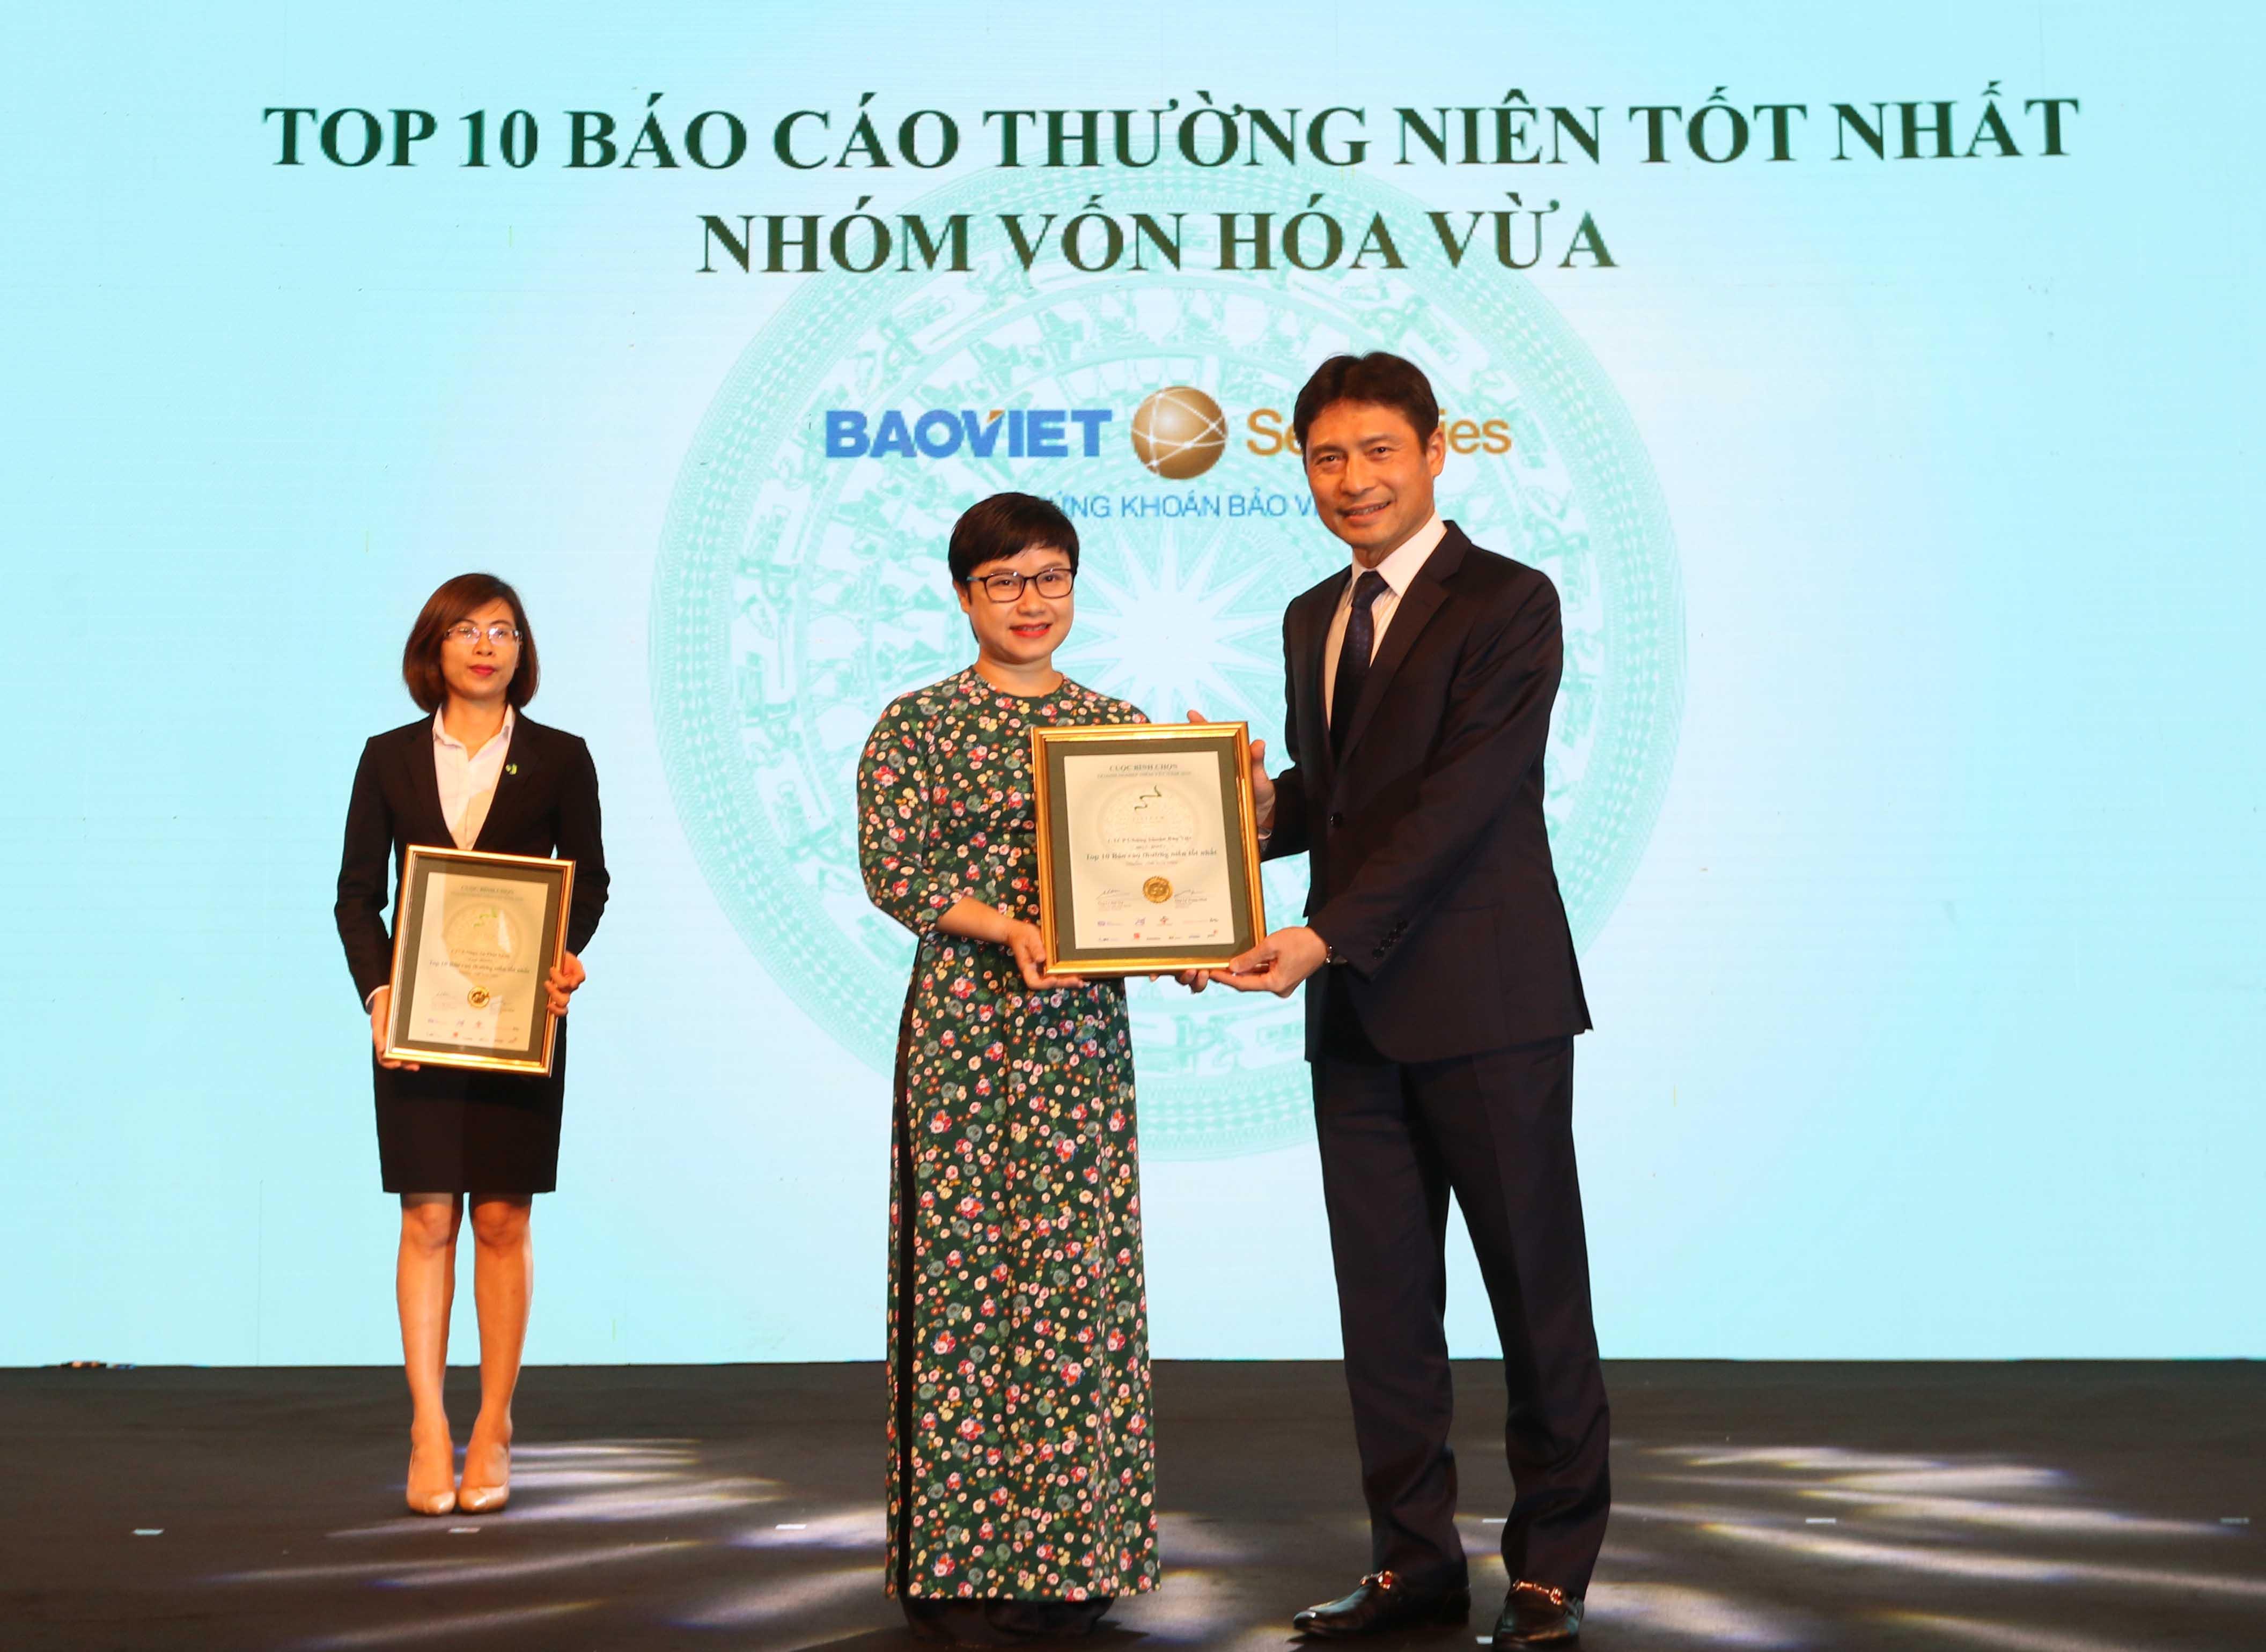 https://www.aravietnam.vn/wp-content/uploads/2020/12/20_Dại-diện-CTCP-Chứng-khoán-Bảo-Việt-nhận-TOP-10-nhóm-vốn-hóa-vừa-có-BCTN-tốt-nhất..jpg